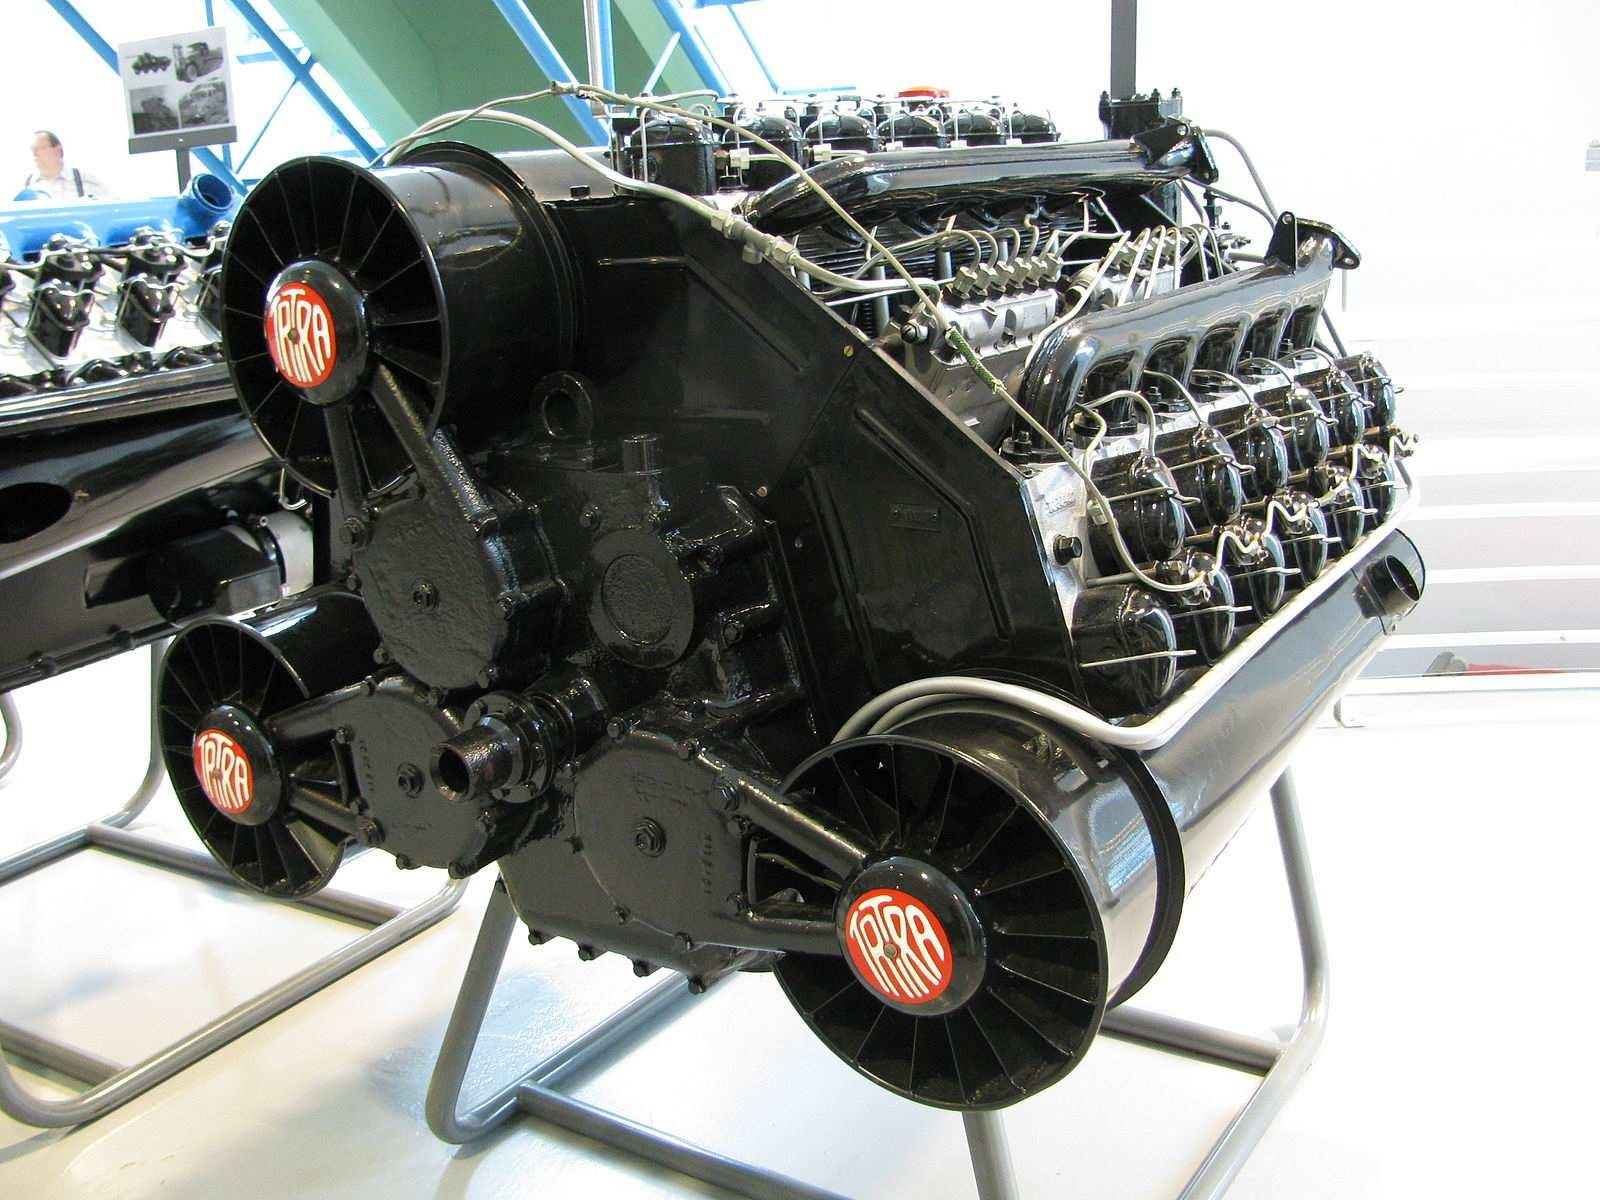 Tatra_T955_engine